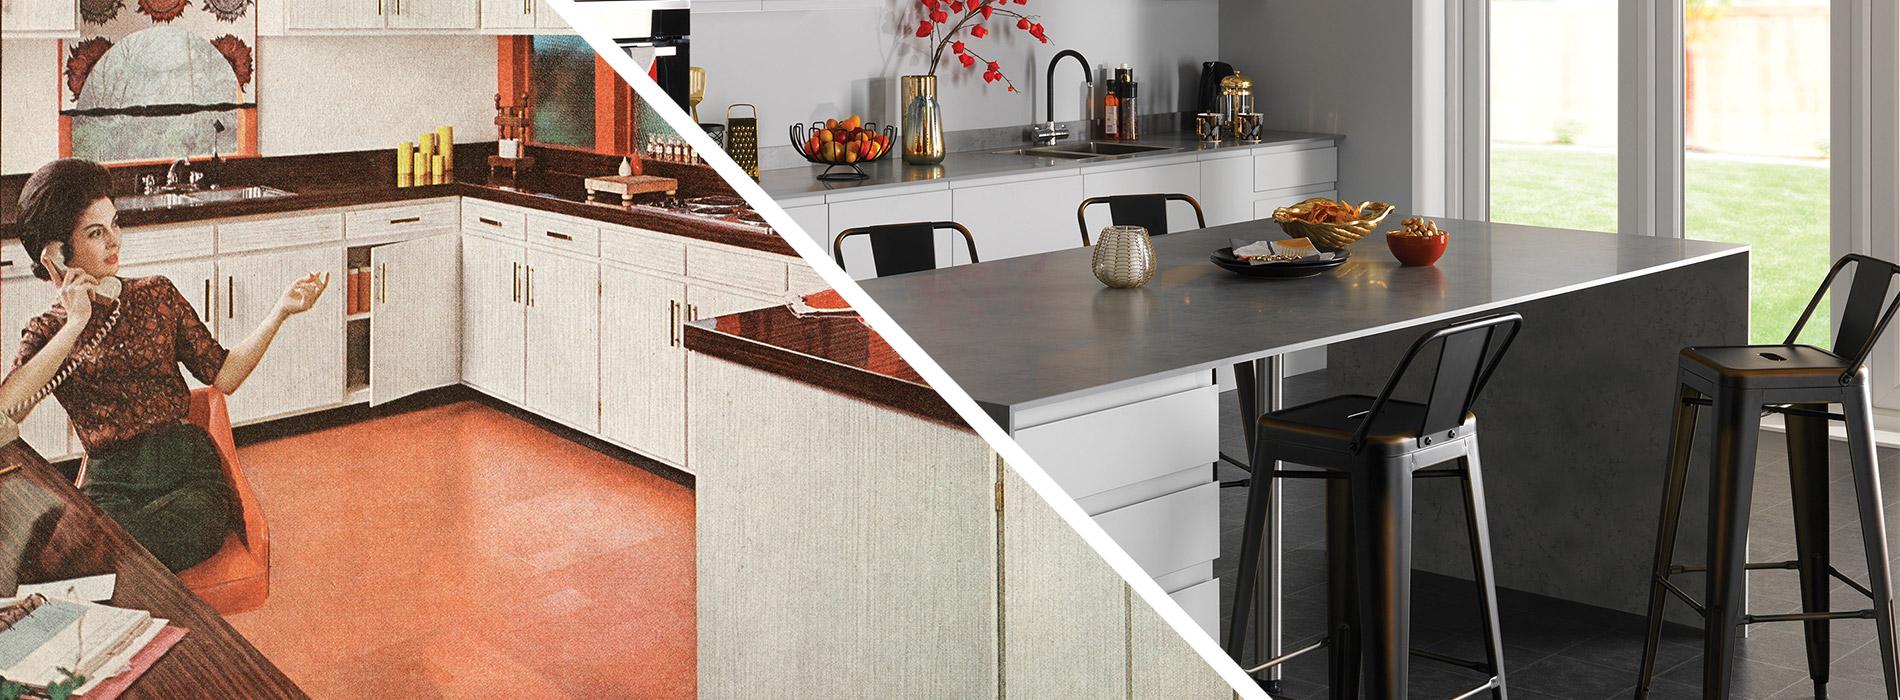 2019 kitchen report header 1900x700